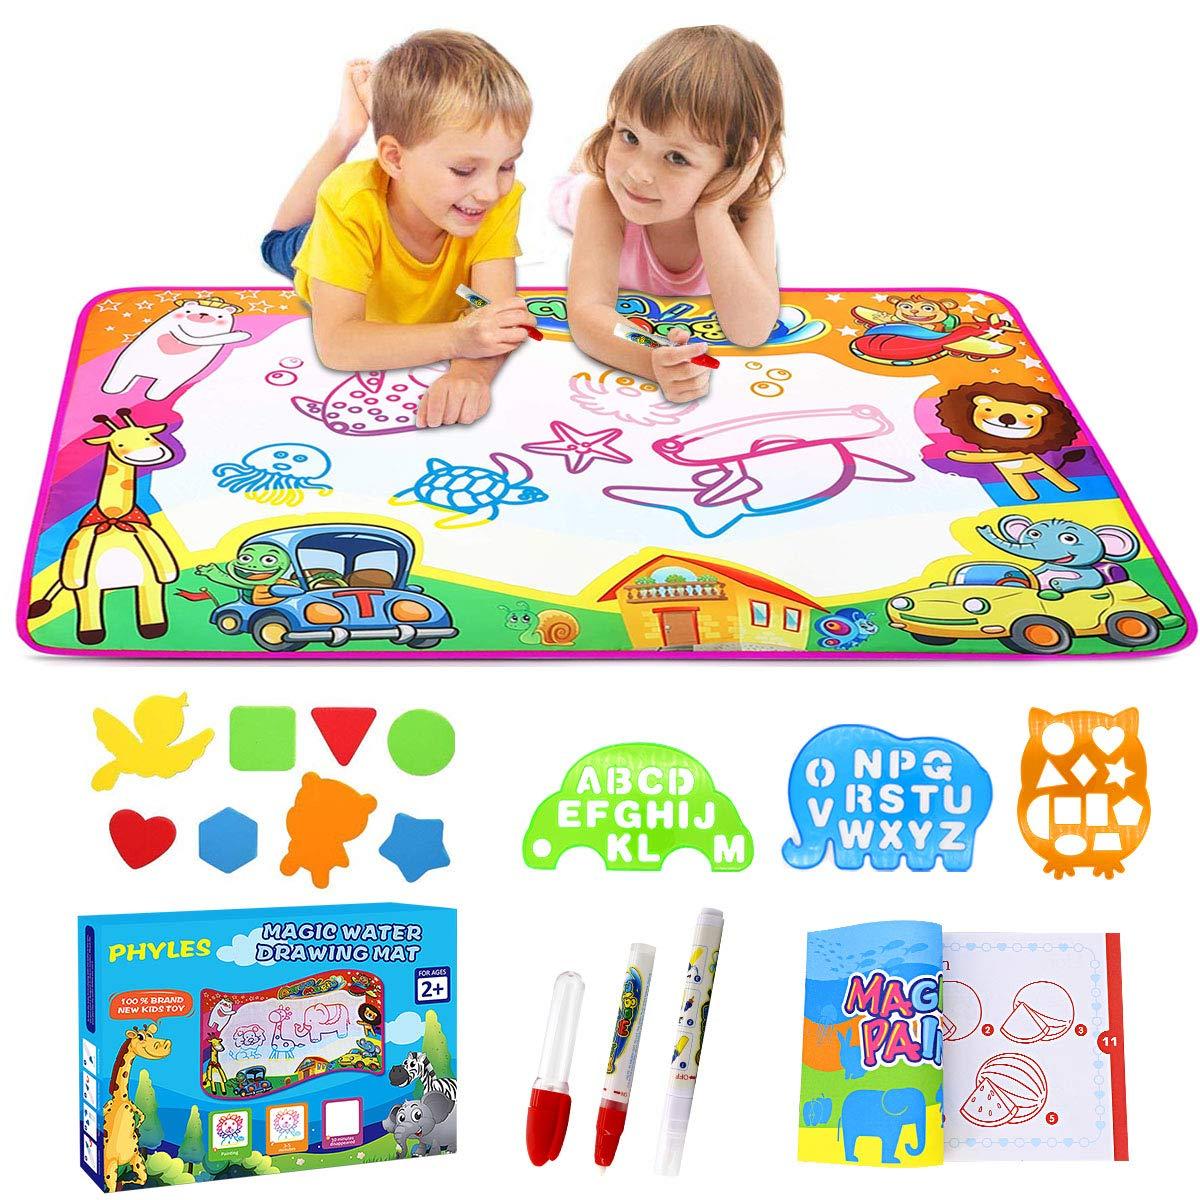 Phyles Doodle Tapis, Doodle Mat Enfant 87*57cm,Tapis de Dessin 6 Couleurs Loisir Créatif -Jouets éducatifs pour Enfants product image